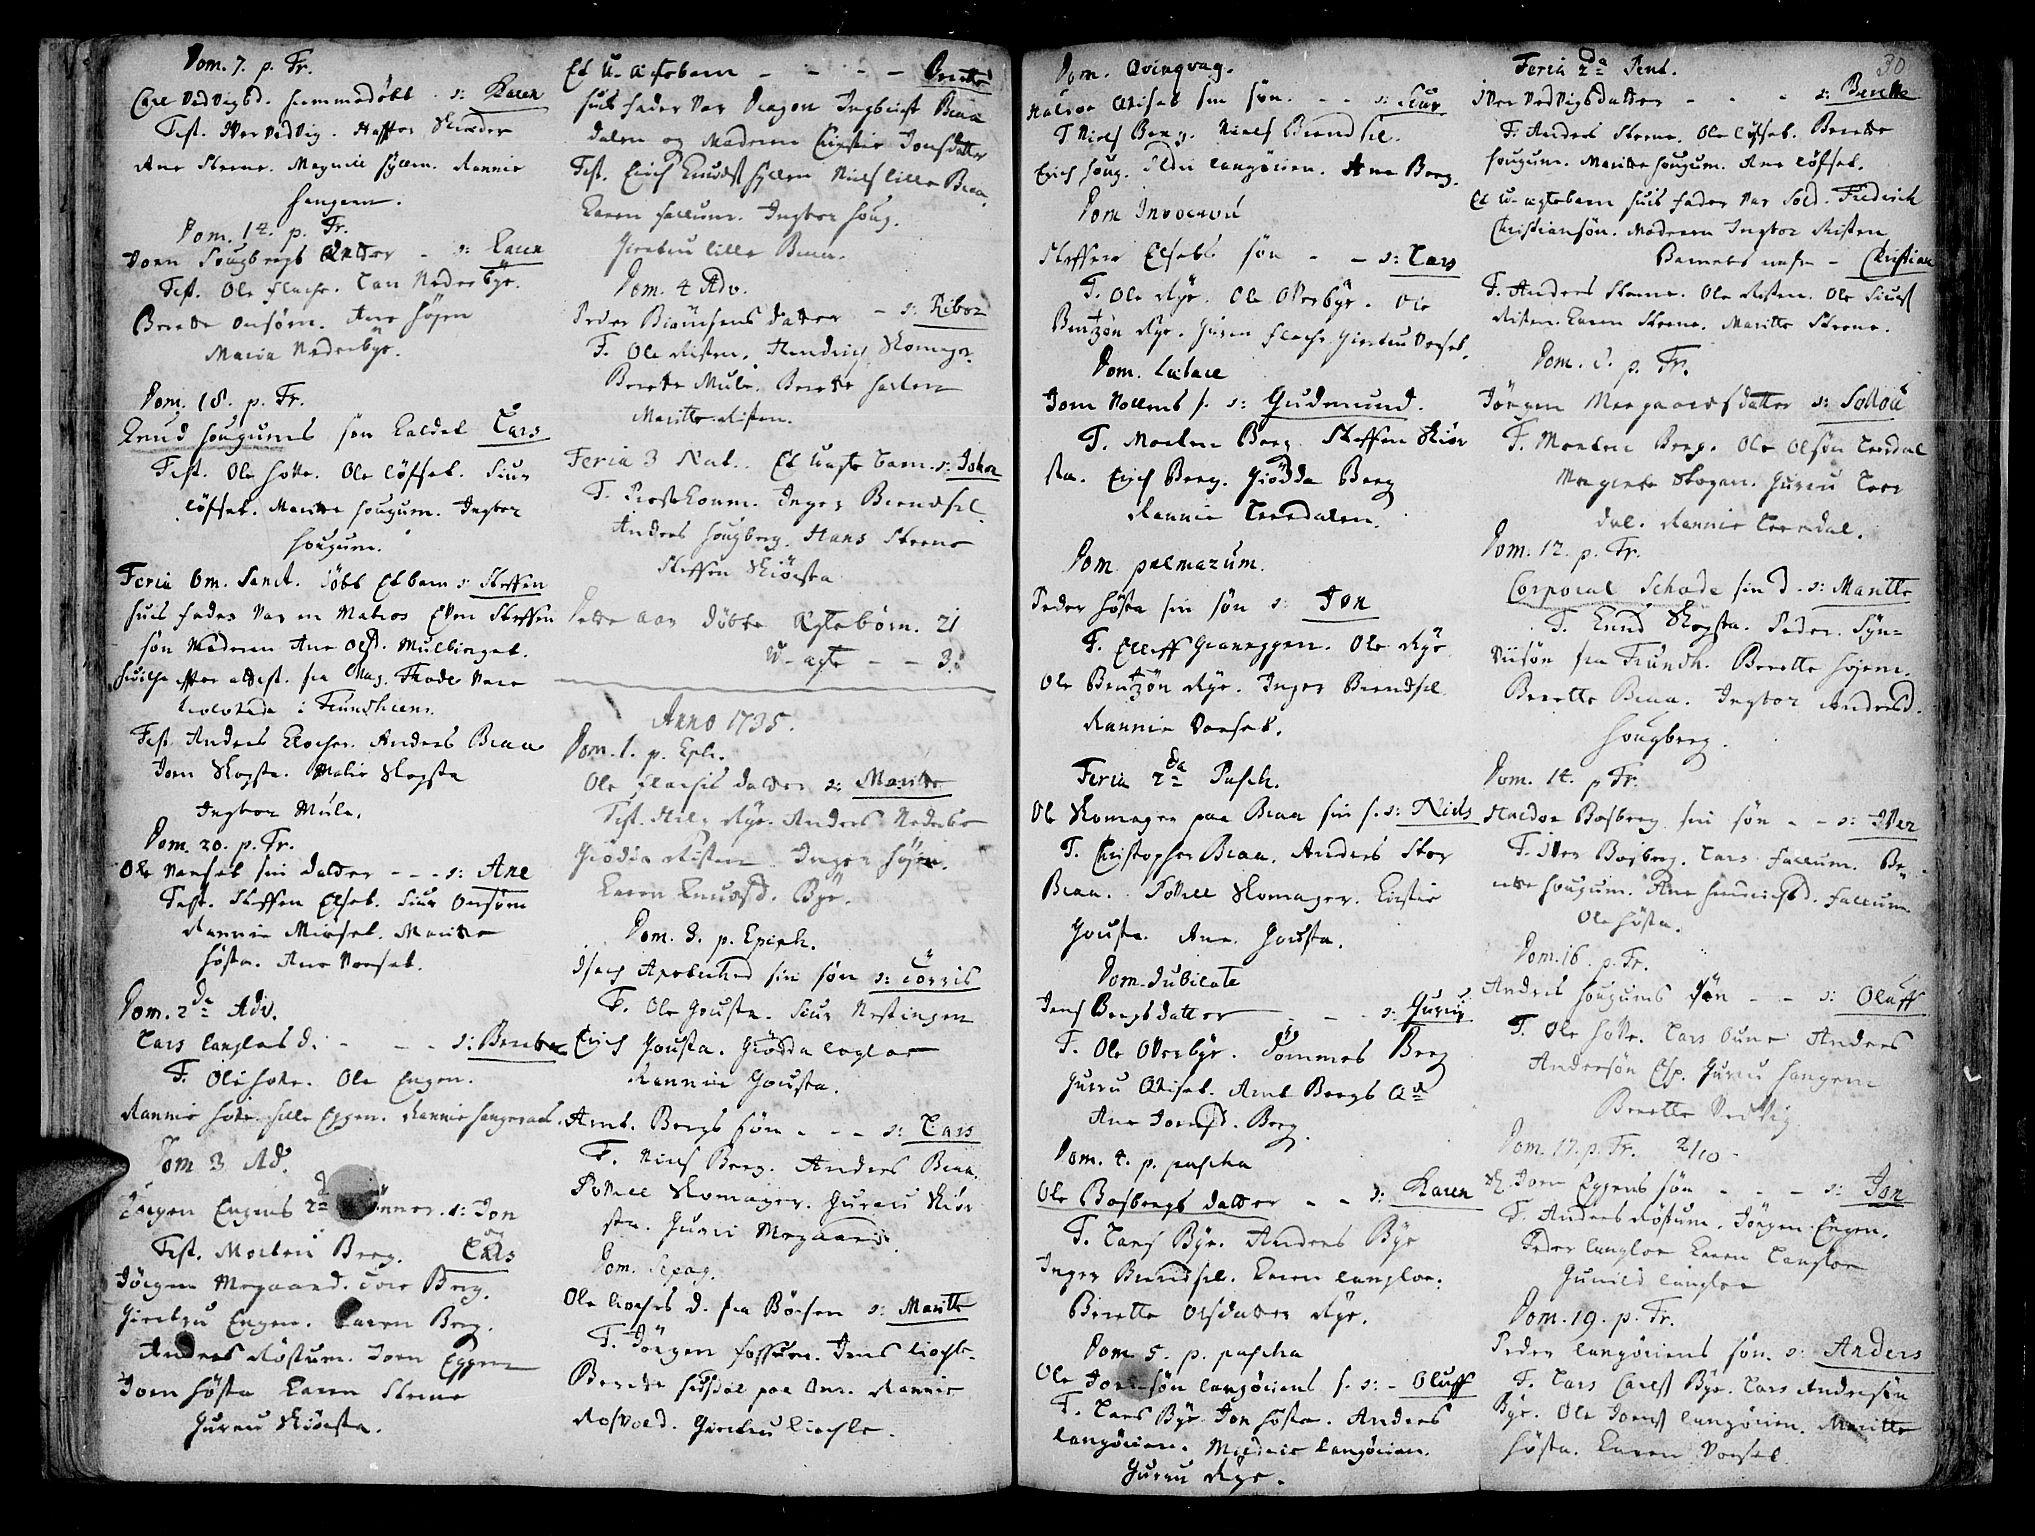 SAT, Ministerialprotokoller, klokkerbøker og fødselsregistre - Sør-Trøndelag, 612/L0368: Ministerialbok nr. 612A02, 1702-1753, s. 30